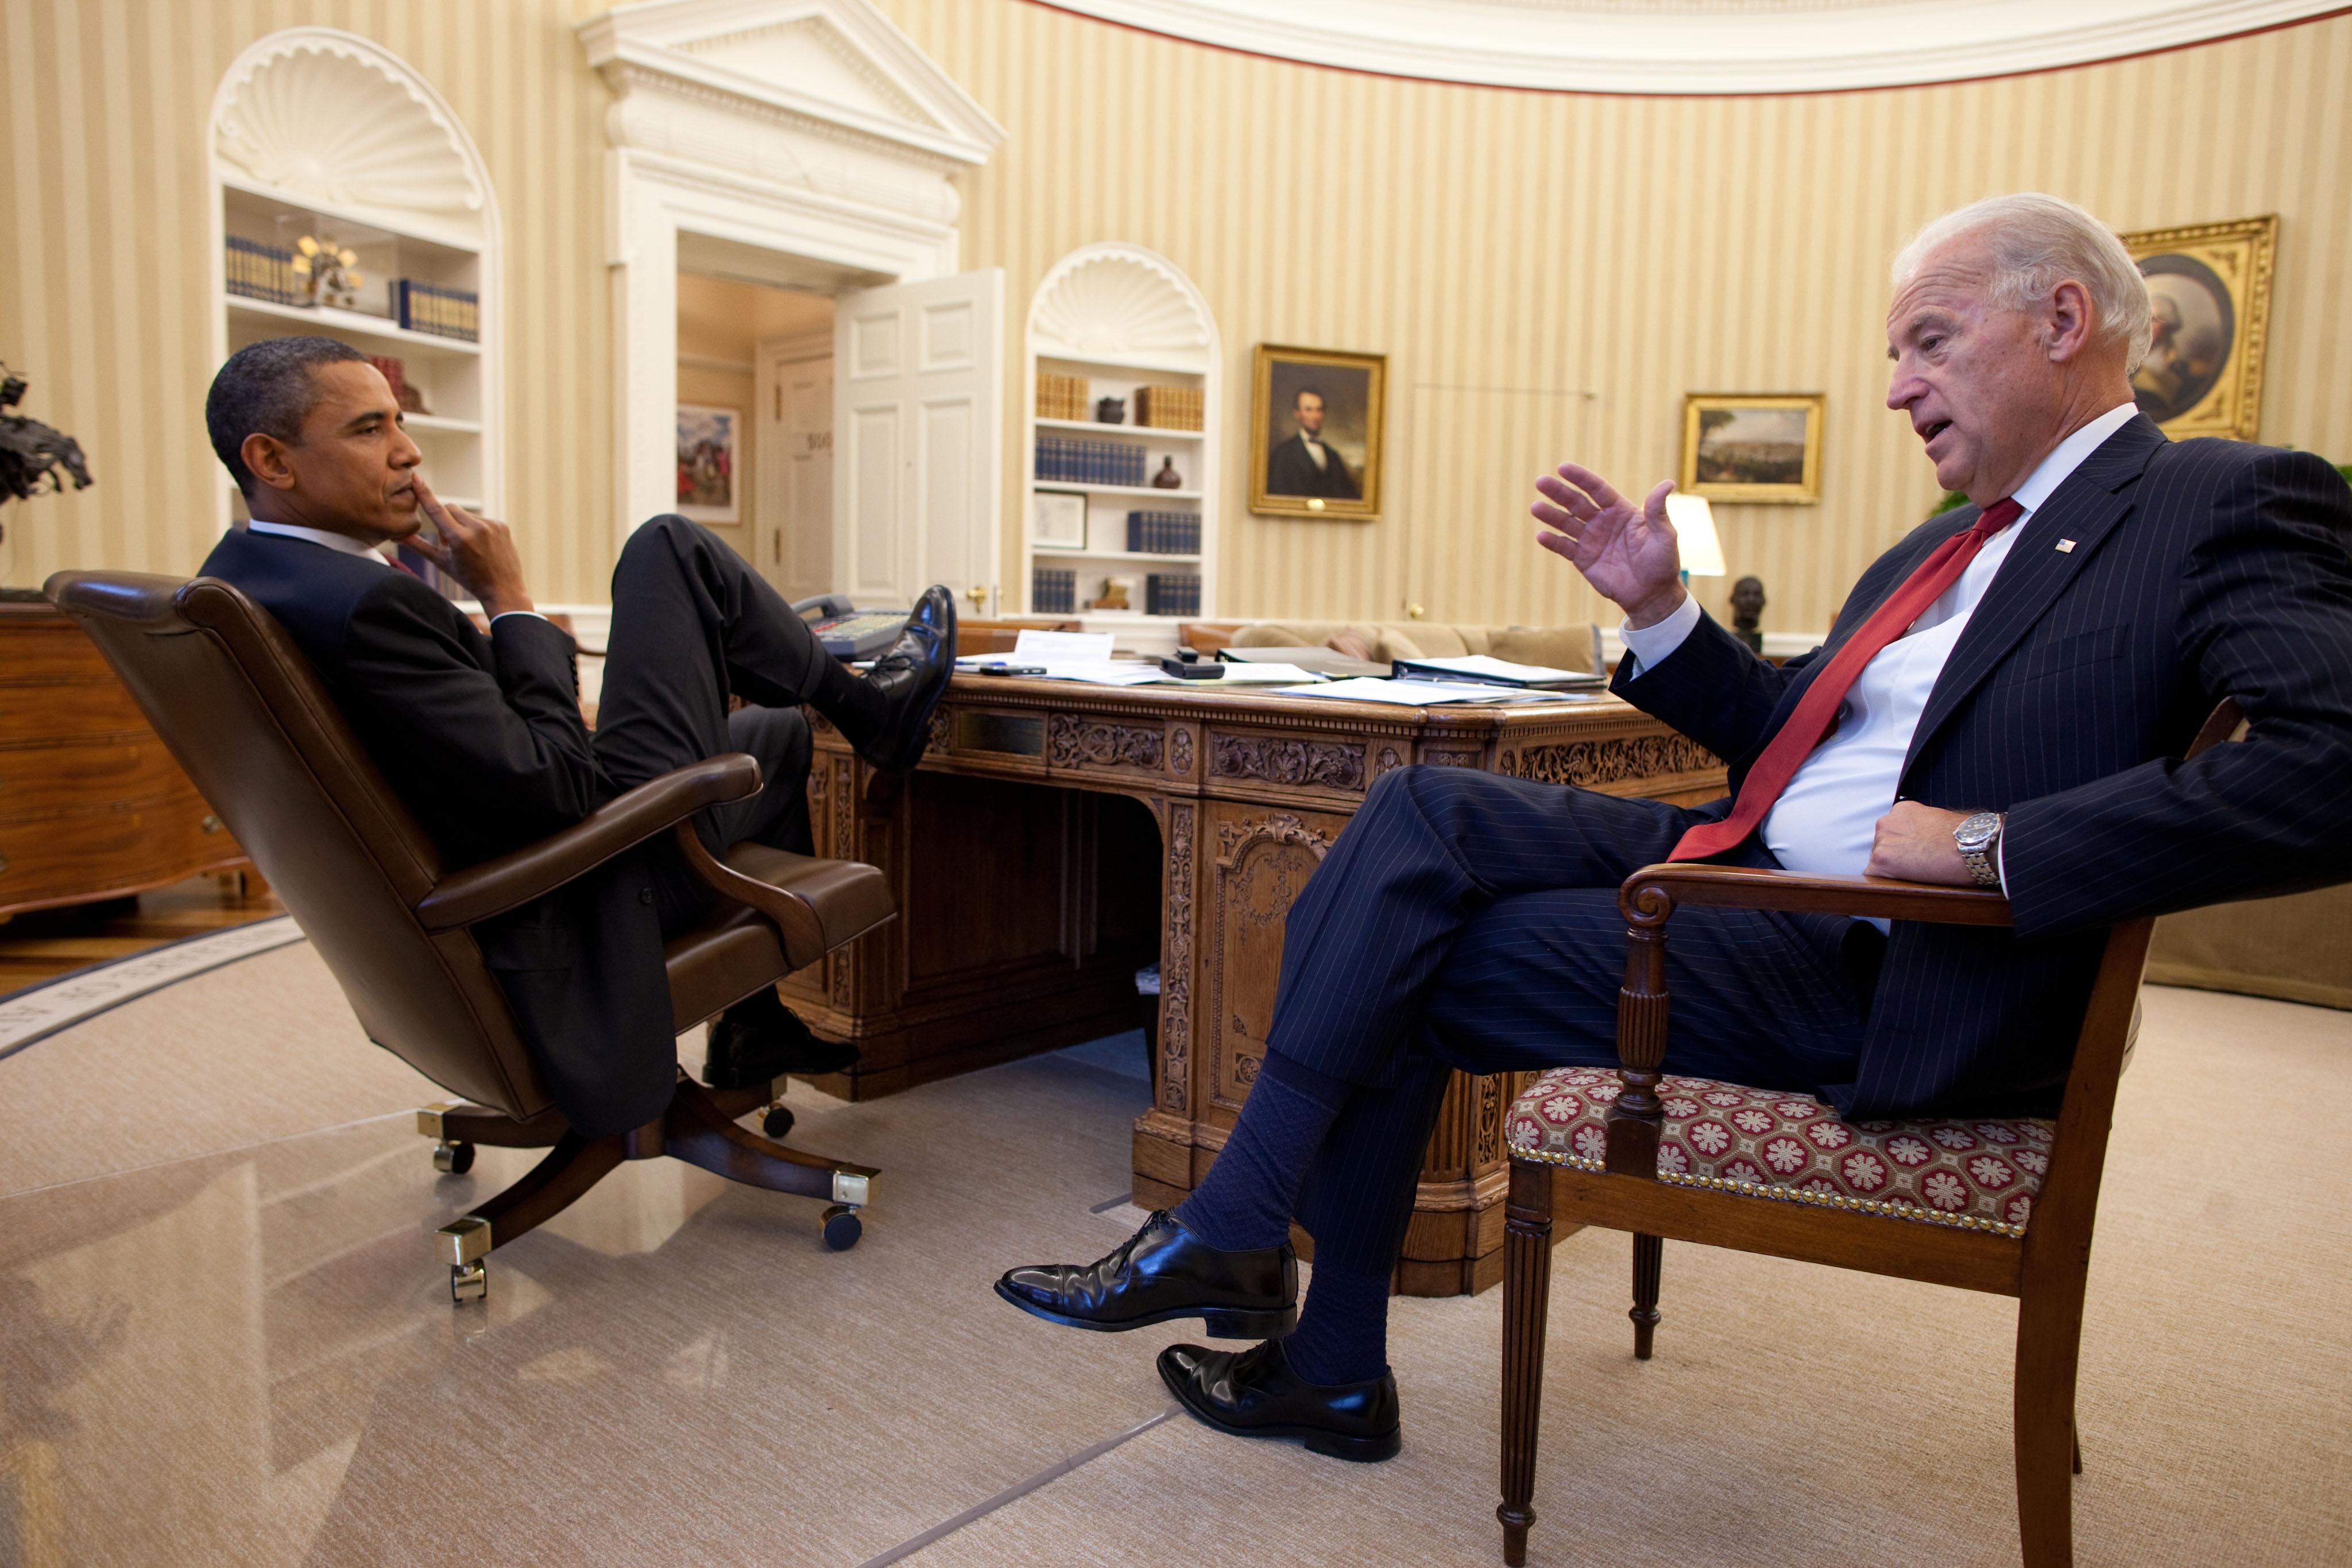 filebarack obama with joe biden in the oval officejpg fileobama oval officejpg